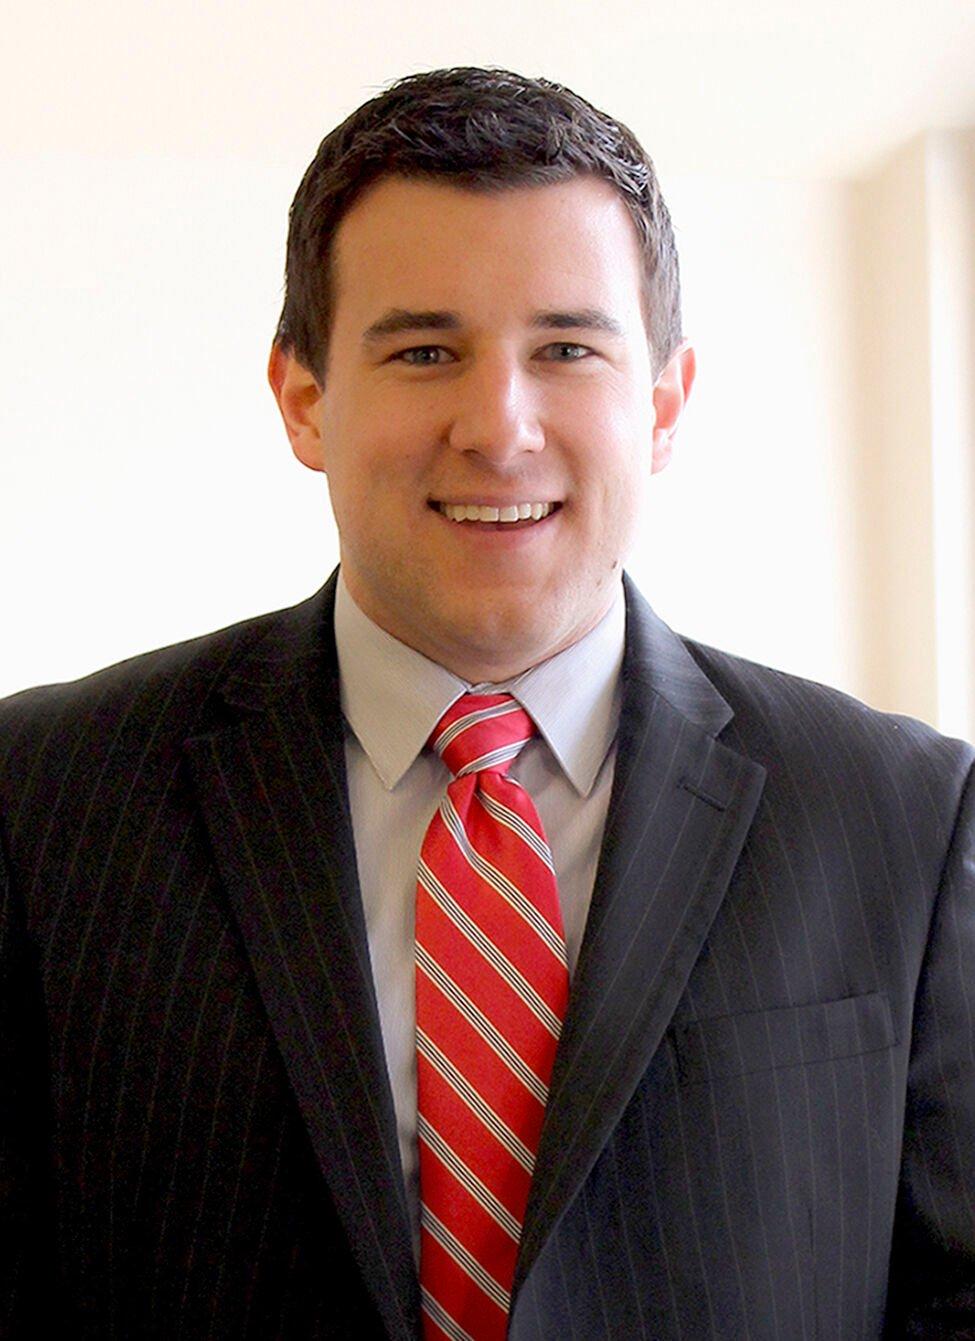 Chris Eckelkamp